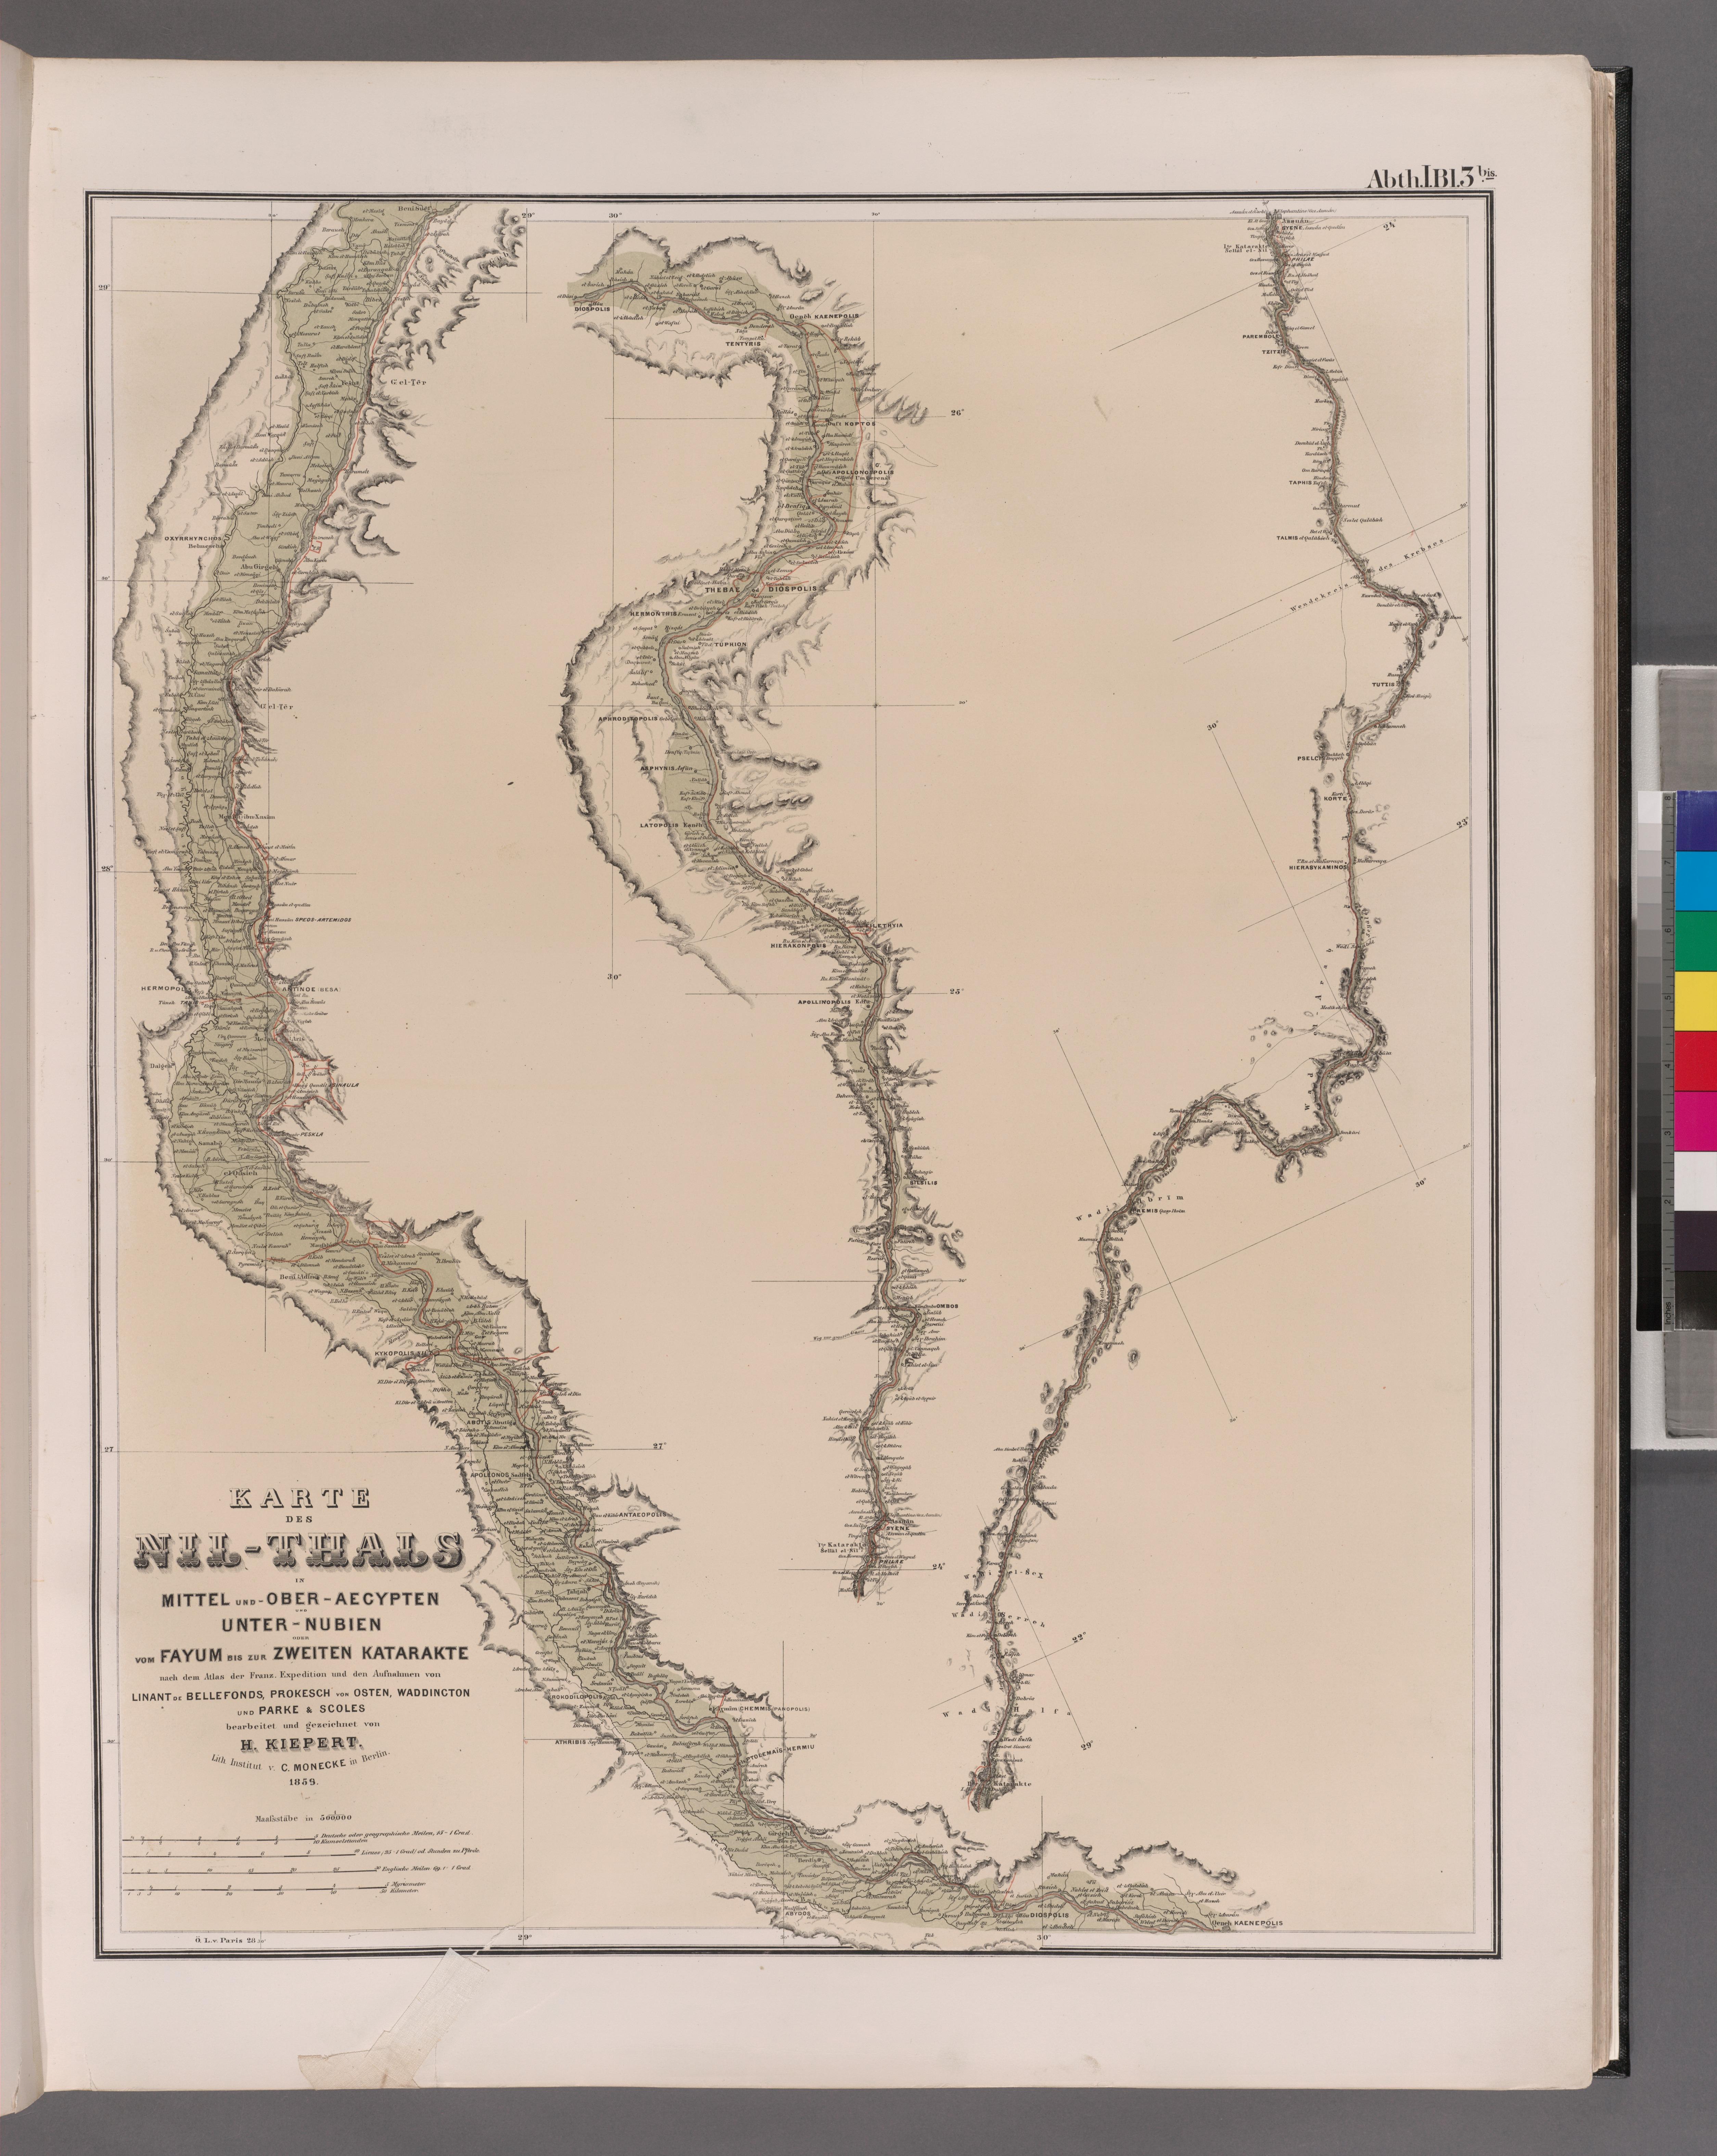 Karte ägypten Nil.File Karte Des Nil Thals In Mittel Und Ober Aegypten Und Unter